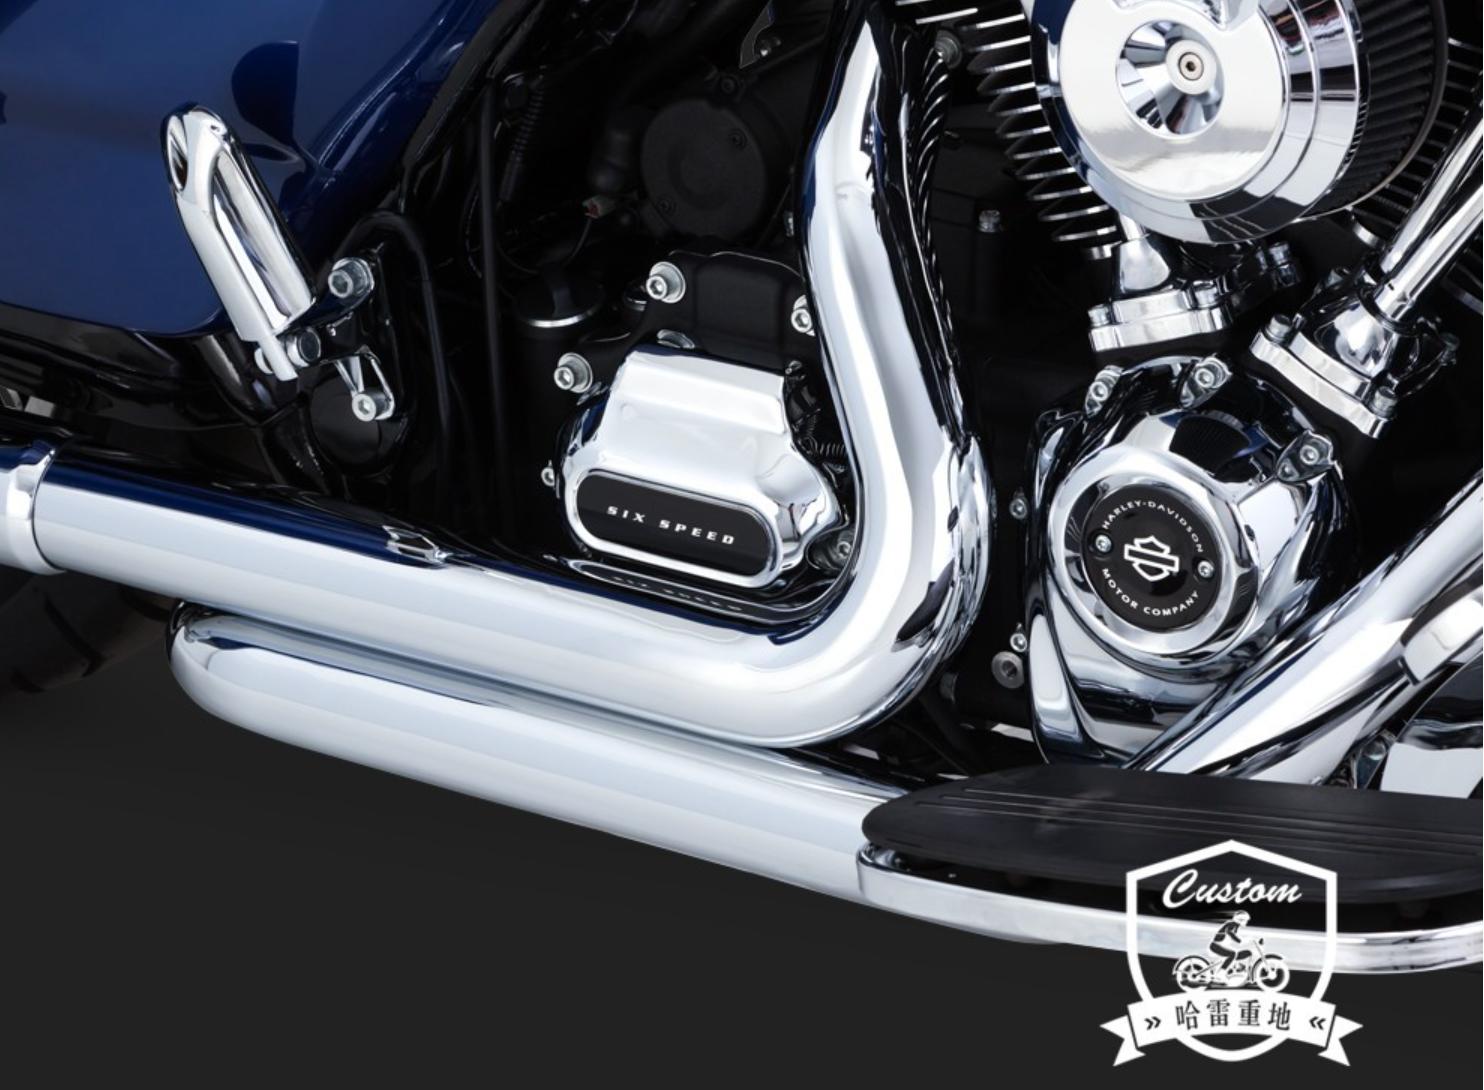 Bộ phận du lịch Harley sửa đổi đường trượt lớn trượt trên đường cao tốc vua song song vh phần ống xả phía trước - Ống xả xe máy